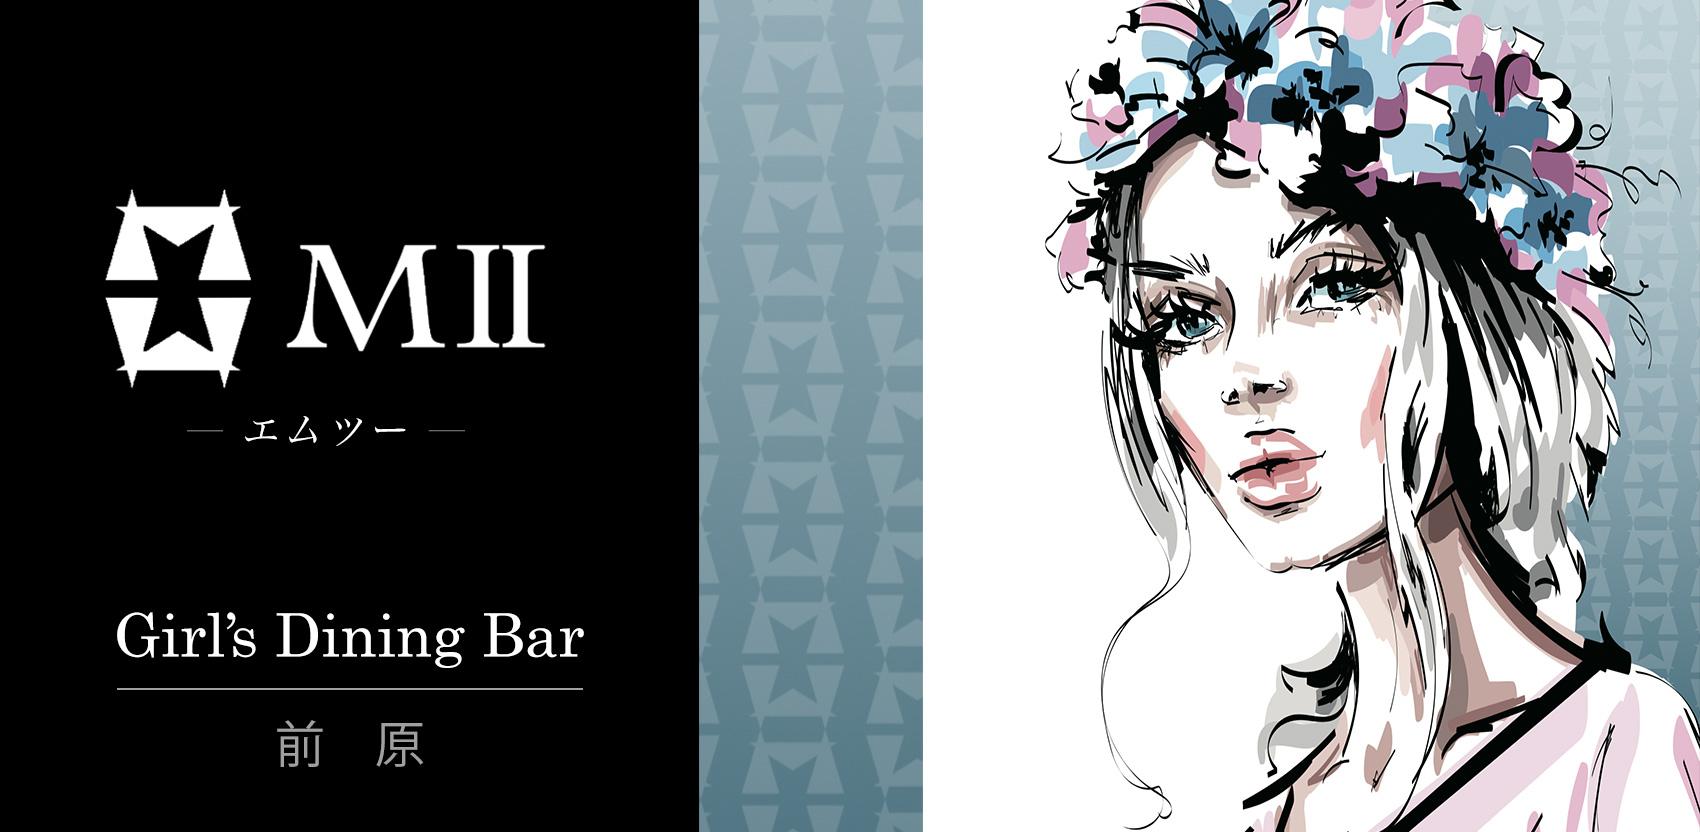 [前原] Girl's Dining Bar MII (ガールズダイニングバー・エムツー)